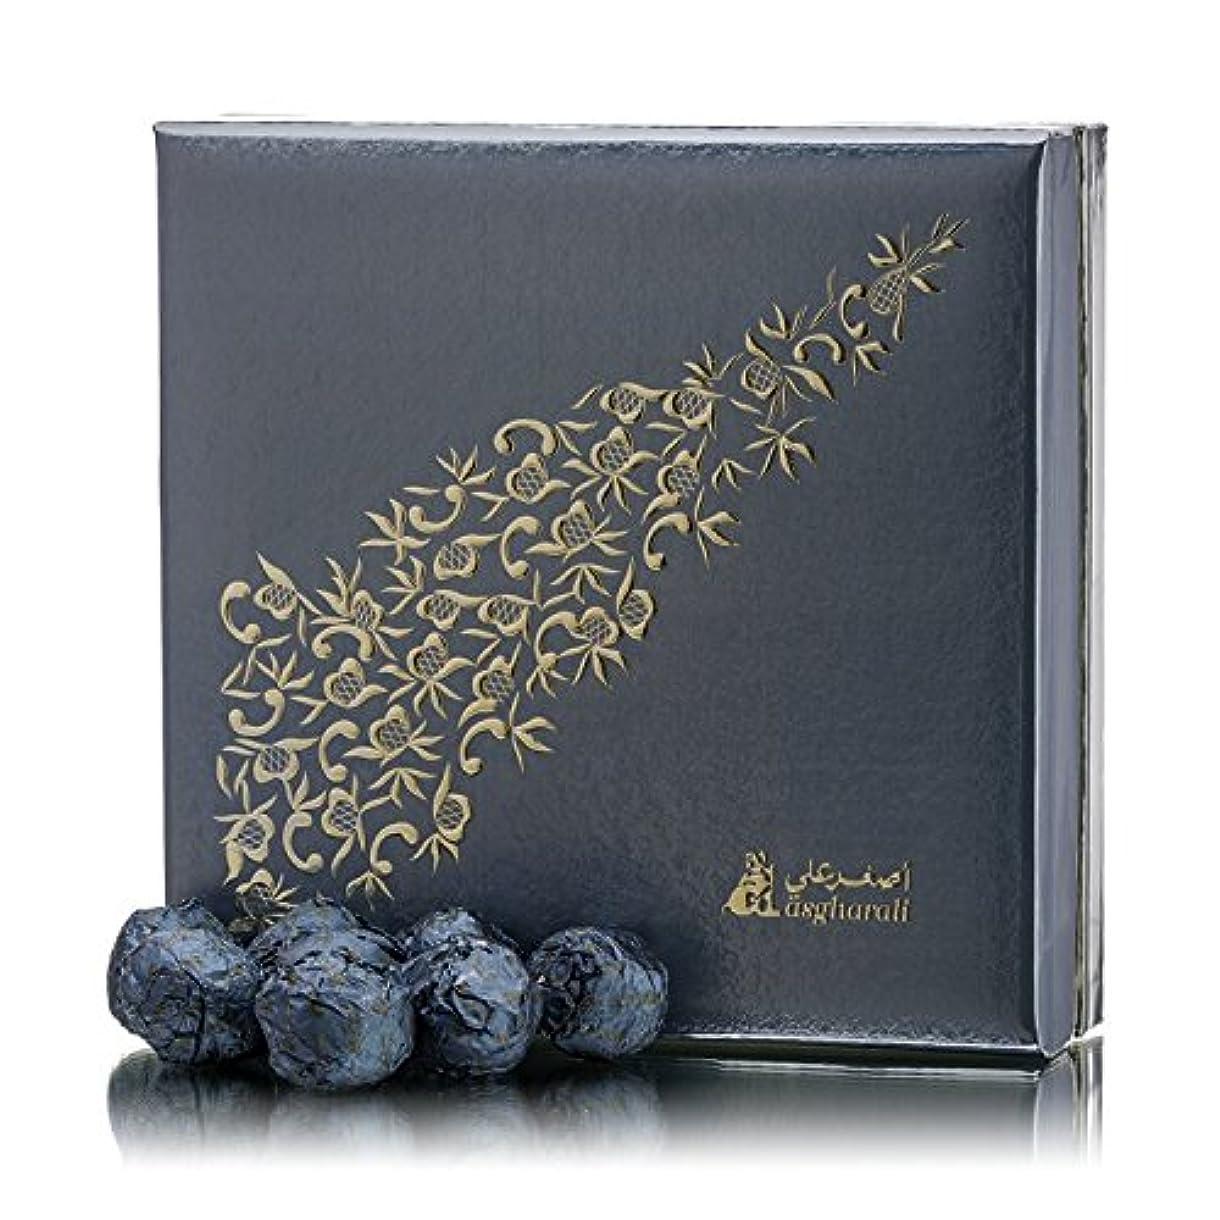 同様のサロン同情的Asgharali debaaj mustabaraq 300ミリグラム – Shay Oud、花柄、Woody、Oriental Incense Limited Edition Bakhoor